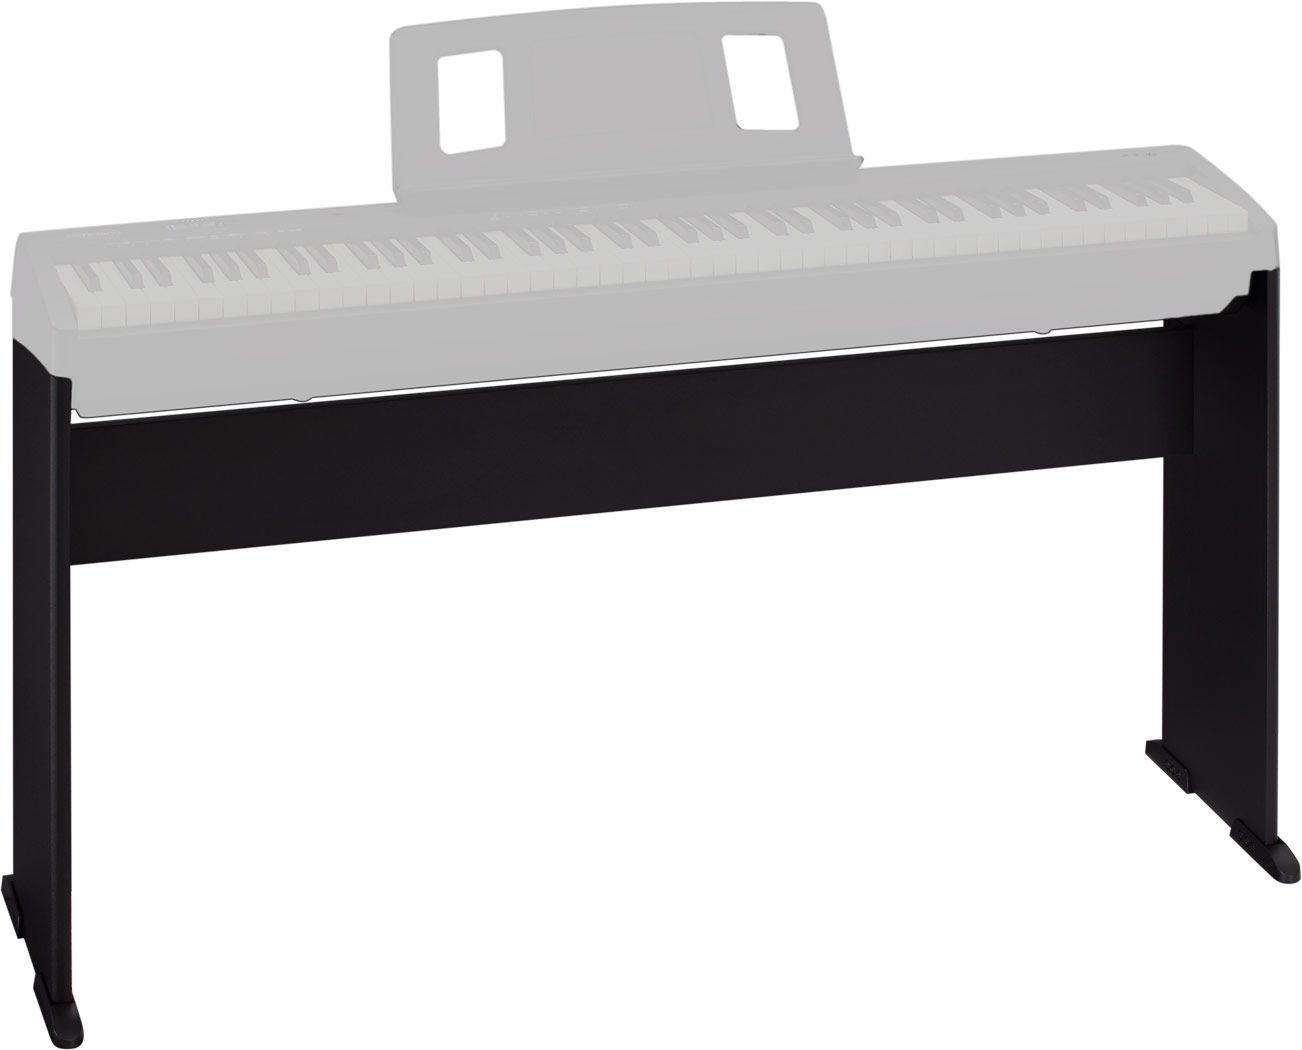 Roland KSC-FP10 Untergestell schwarz für FP-10 Stagepiano